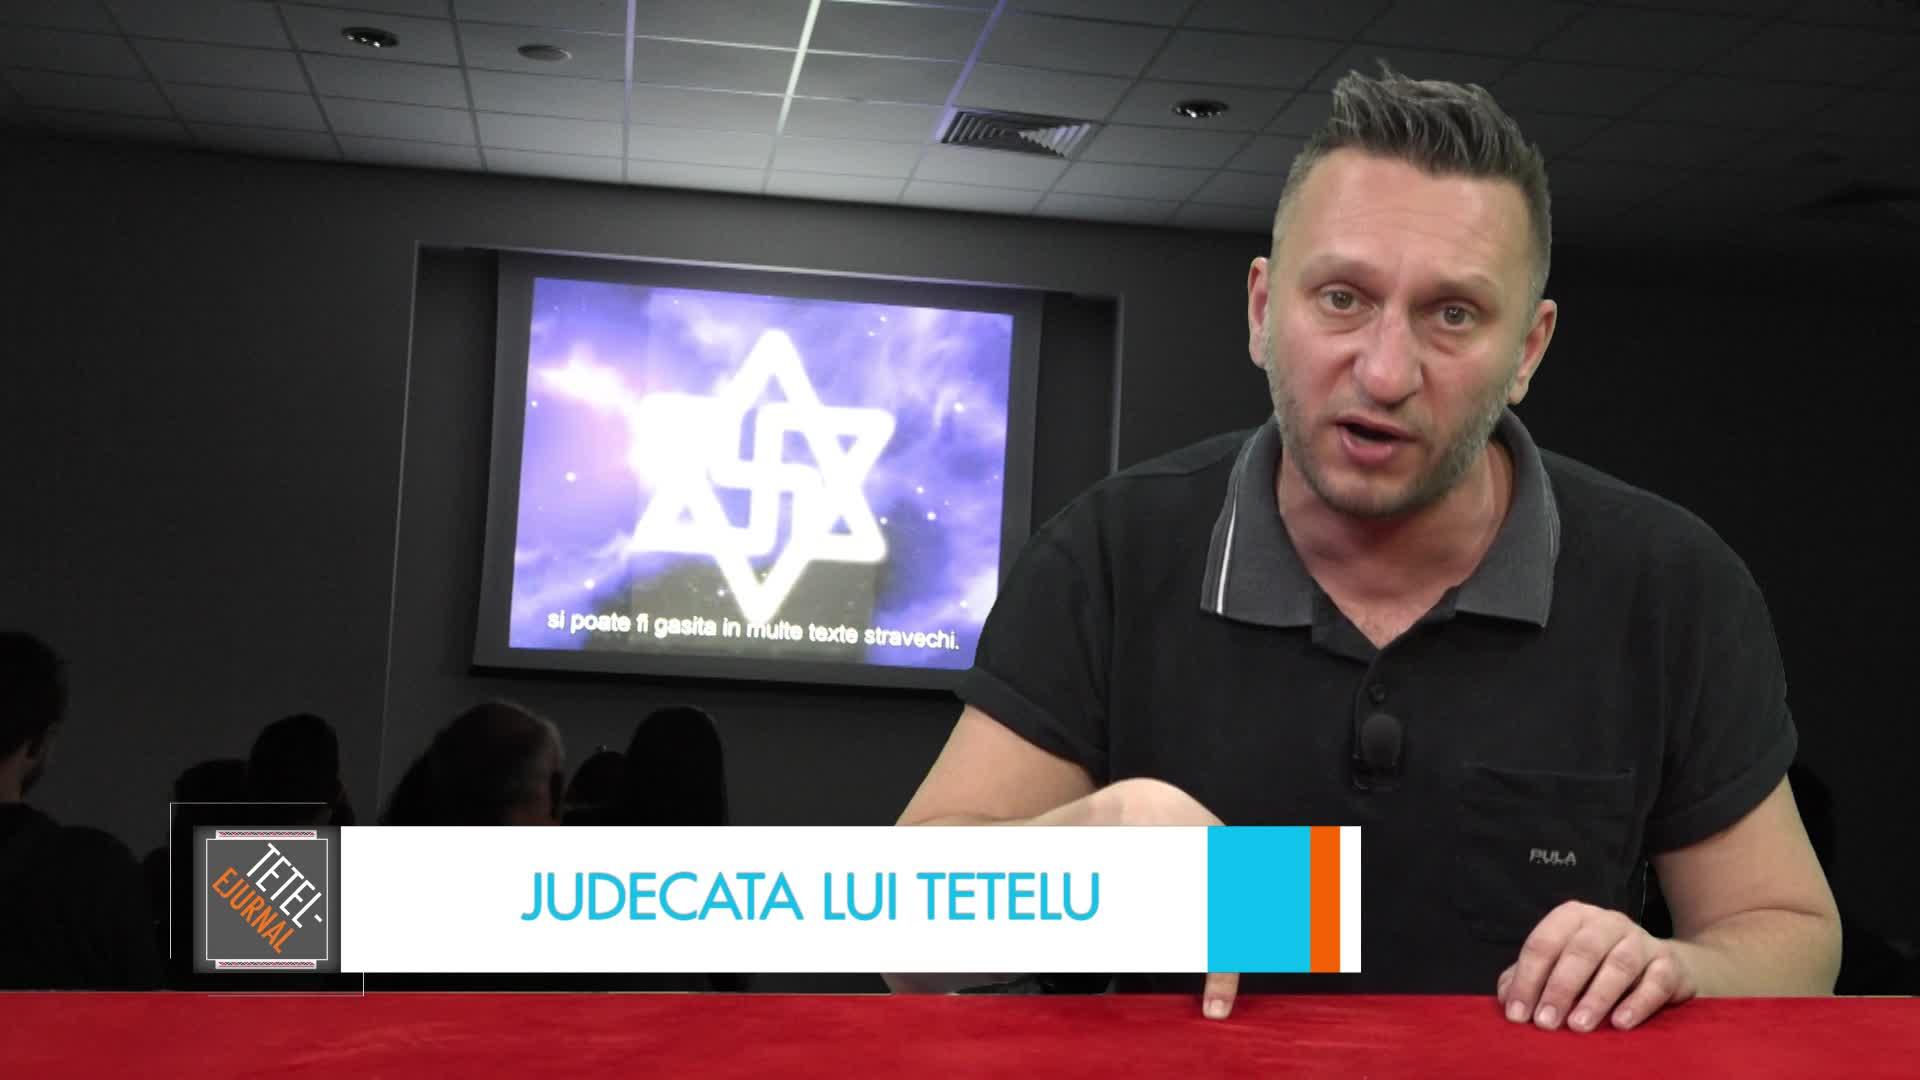 Judecata lui Tetelu: Mesaj pentru extratereştri